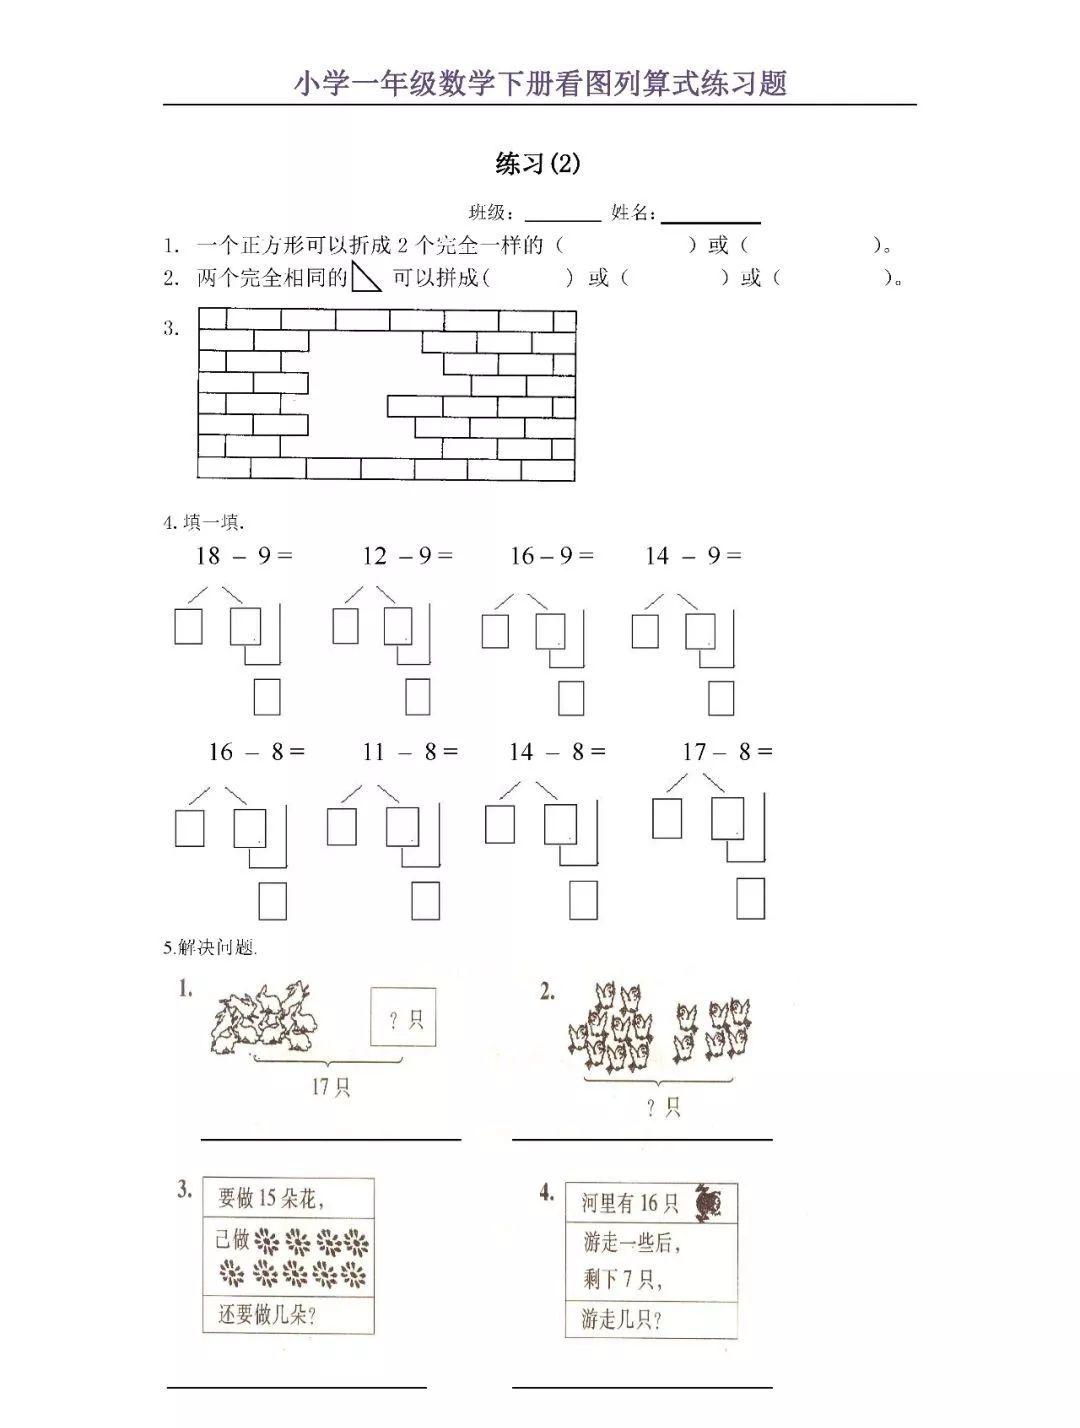 小学一年级数学下册看图列算式练习题 可下载